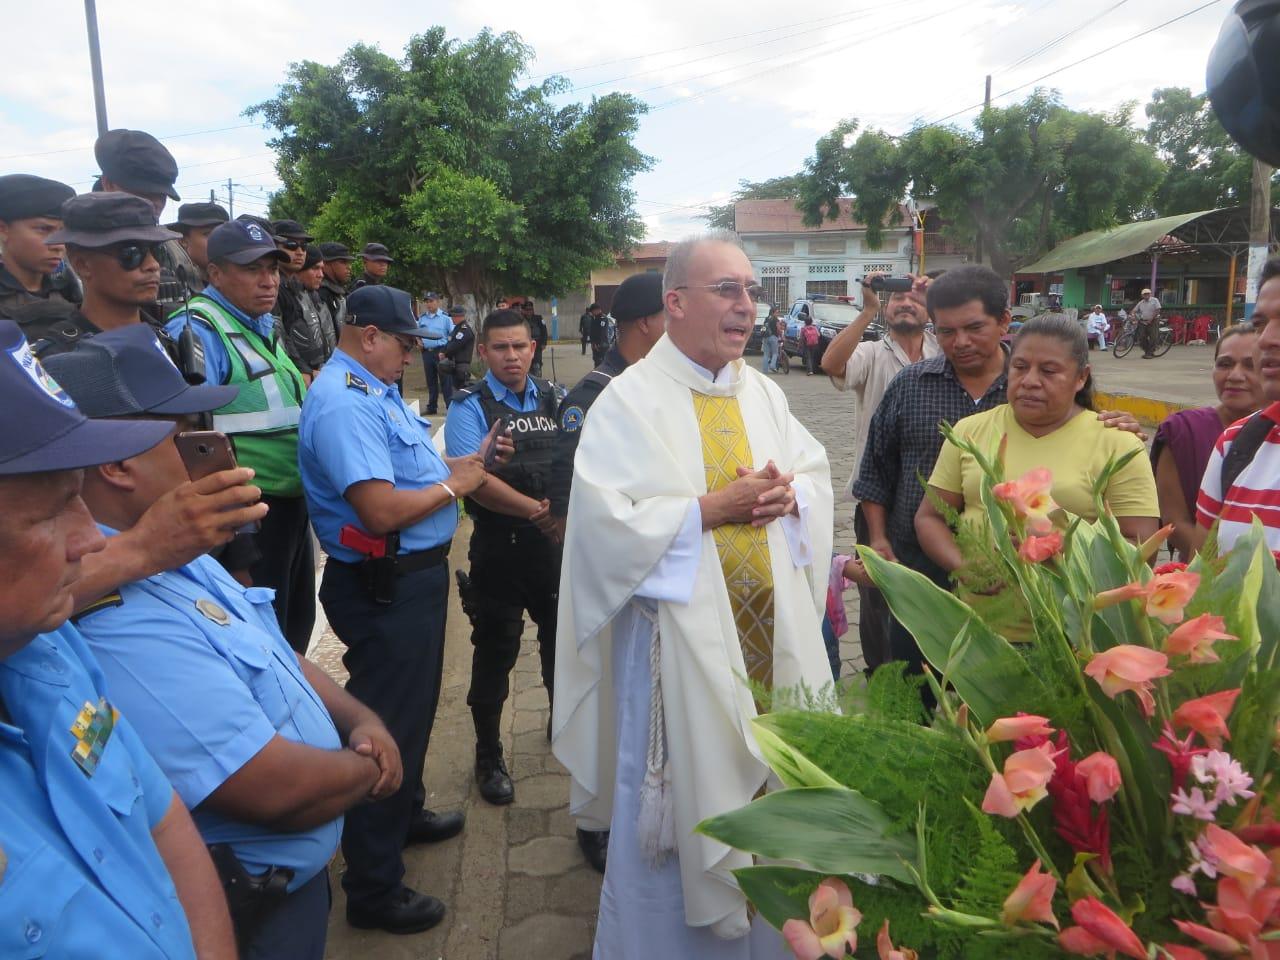 El padre Edwin Román en un intentó de entrar al templo con los feligreses. Foto: Noel Miranda / Artículo 66